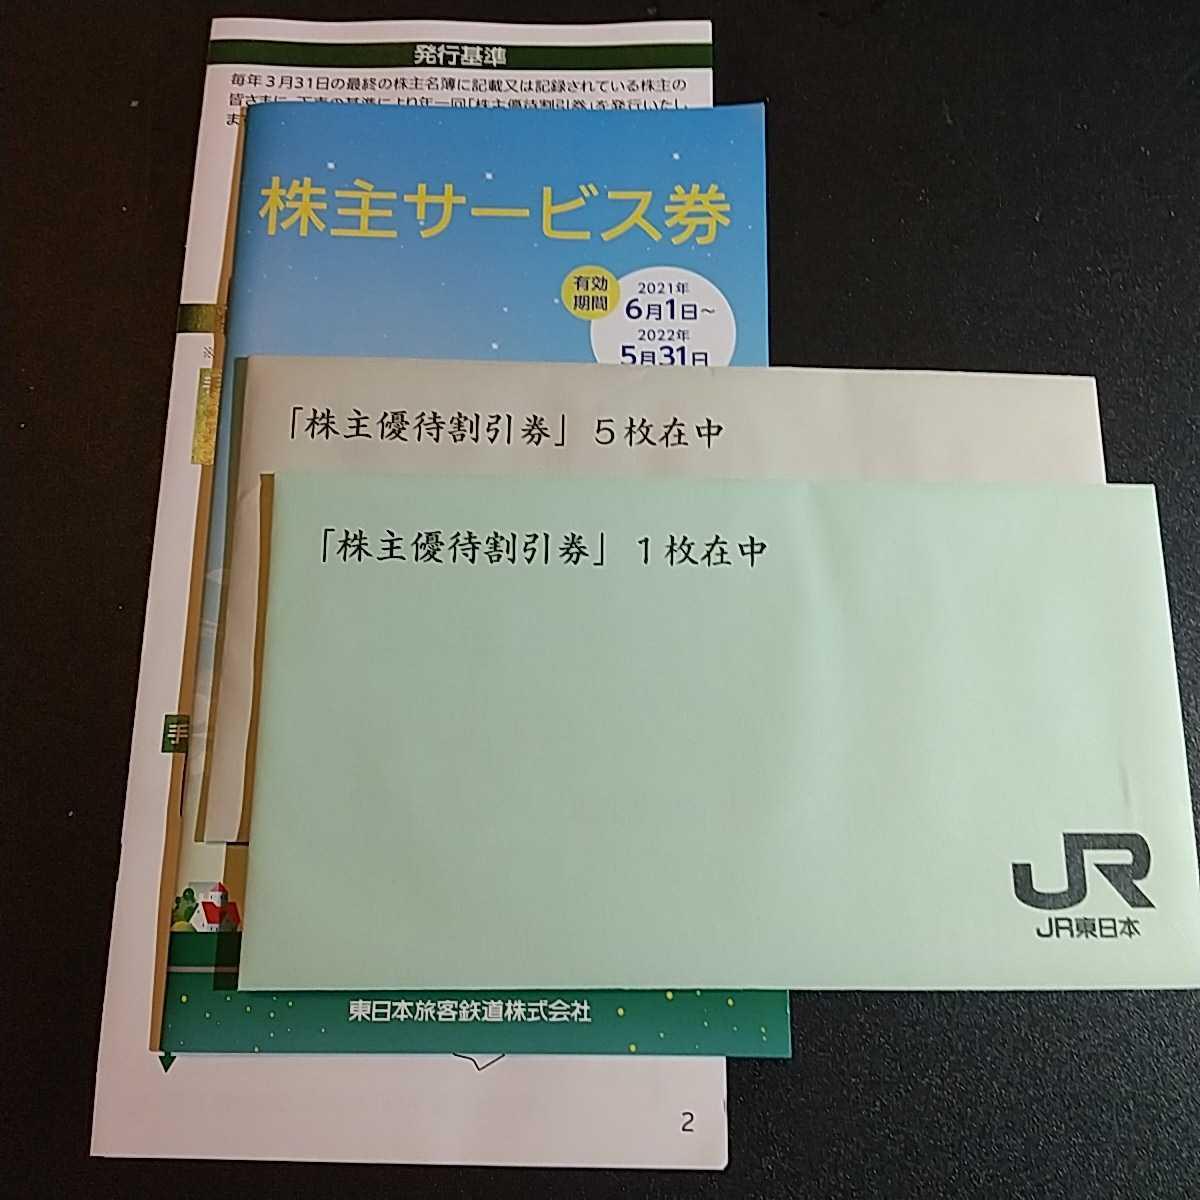 JR東日本 株主優待 割引券 6枚セット+株主サービス券_画像1